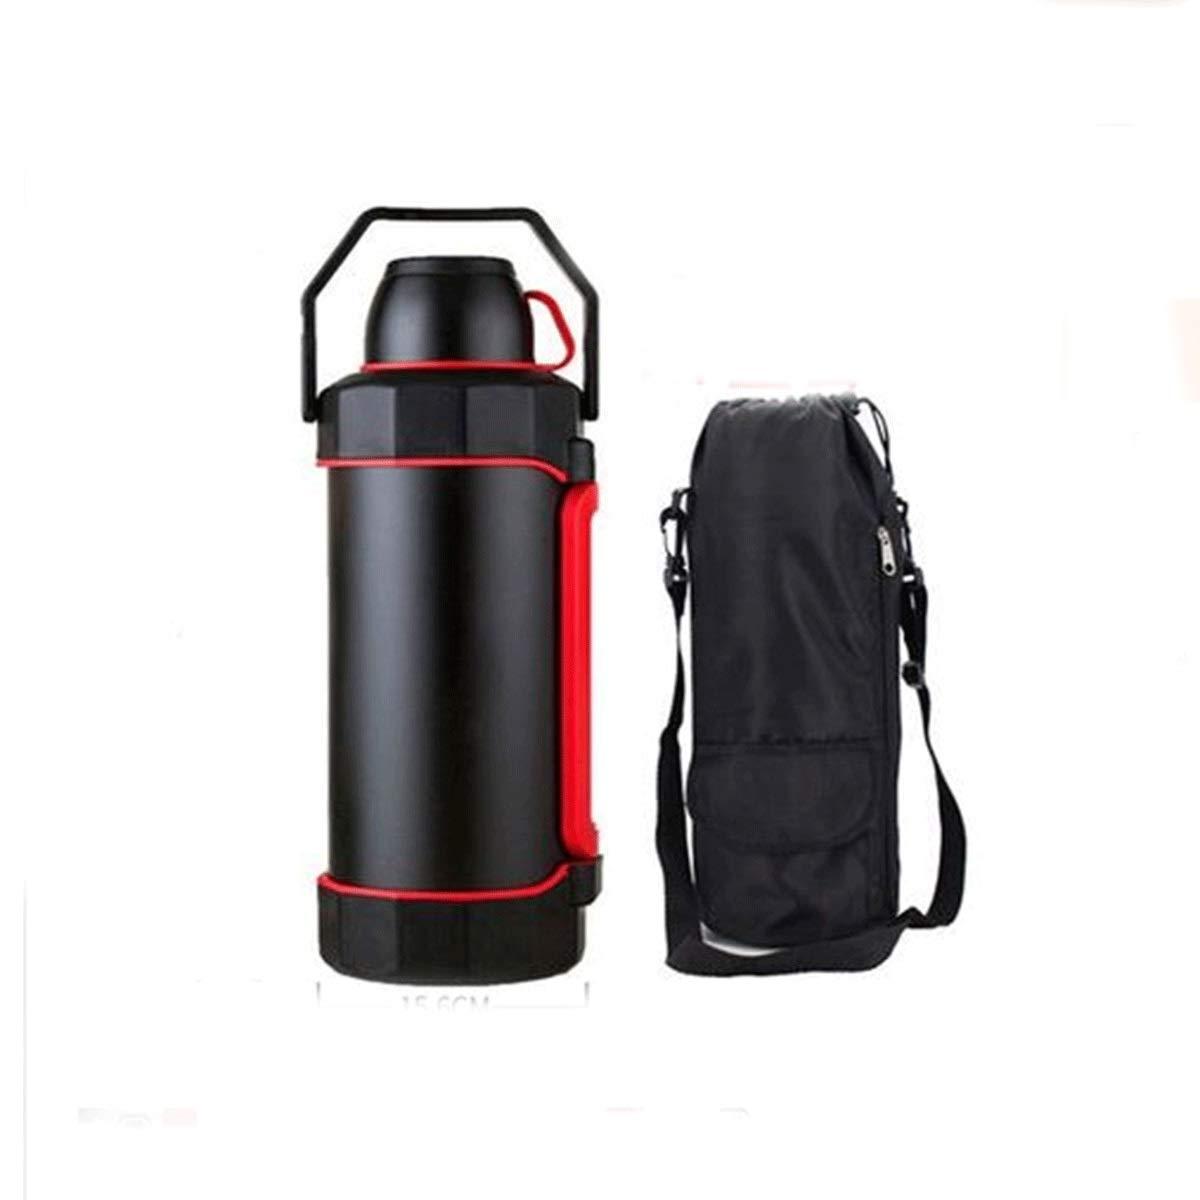 5.2リットル断熱ポット、屋外車の断熱カップ、304ステンレス鋼大容量家庭用やかん魔法瓶、魔法瓶 屋外最高のコンパニオン (Capacity : 5.2L, Color : Black) 5.2L Black B07RPJ3TP3